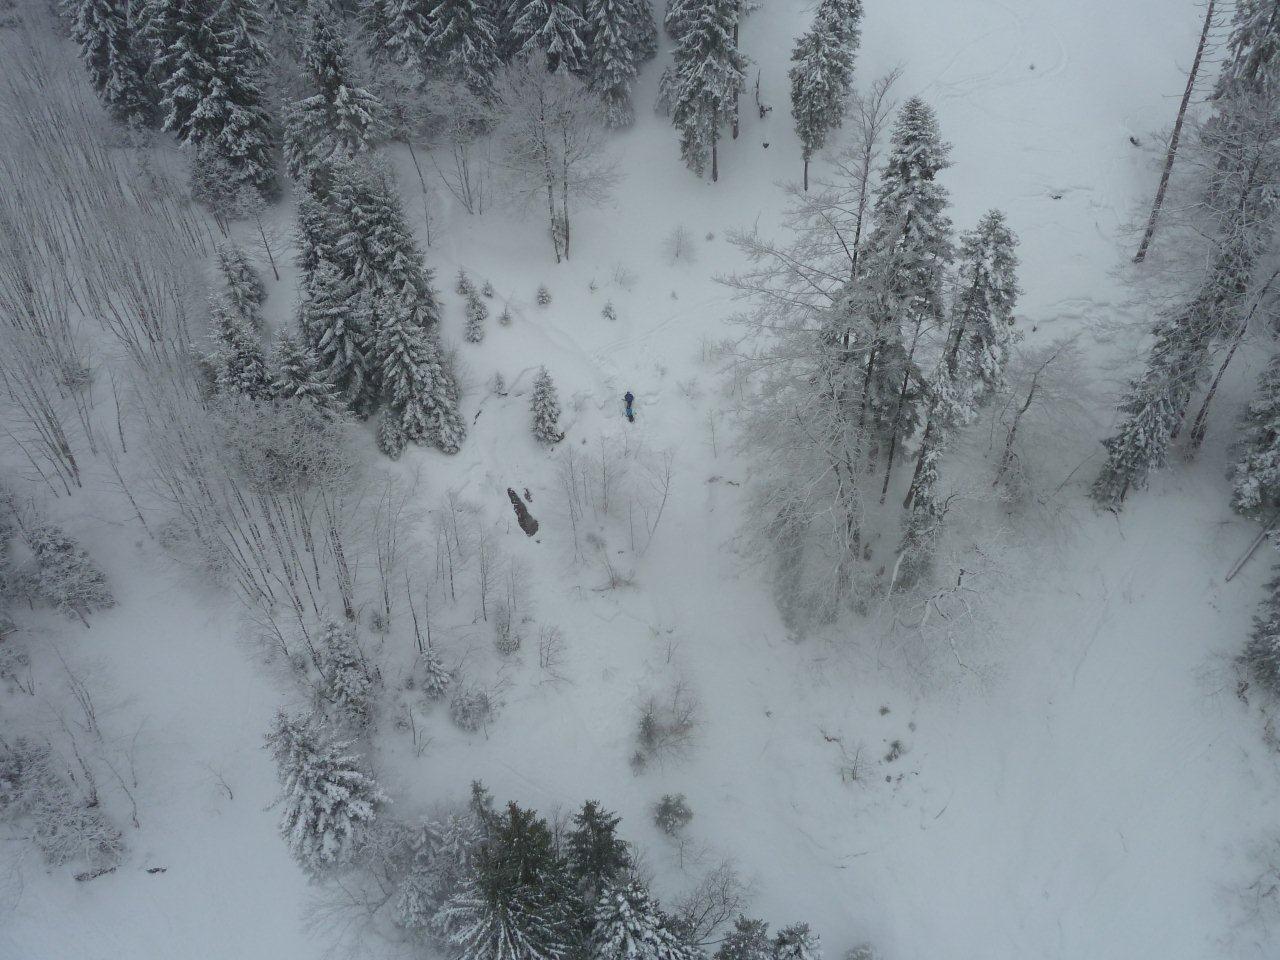 Die beiden Skifahrer mussten mit dem Hubschrauber geborgen werden.